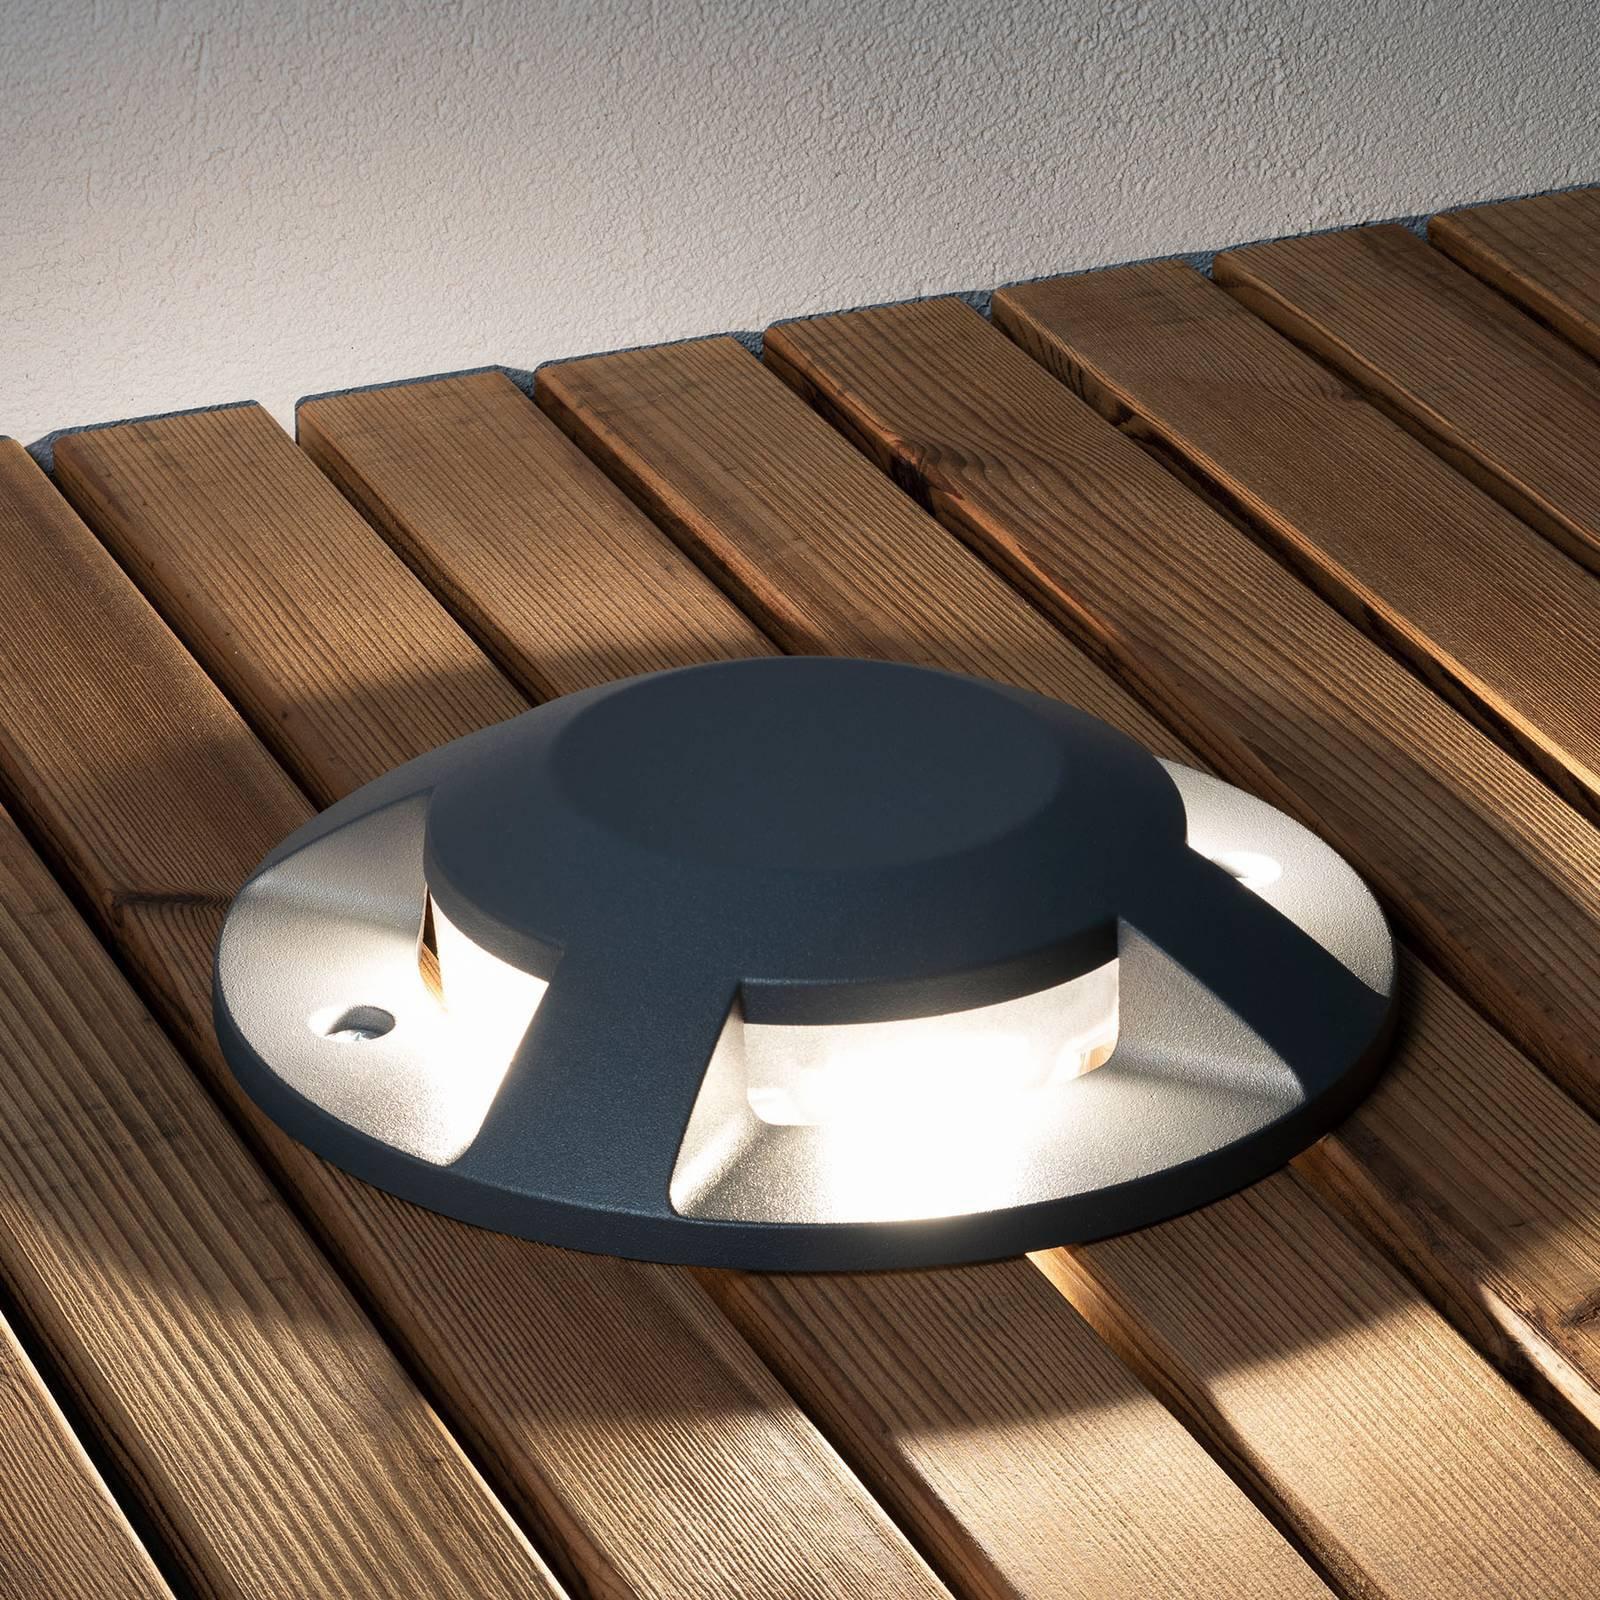 LED-bakkespot 7878-370, 4 lyskilder